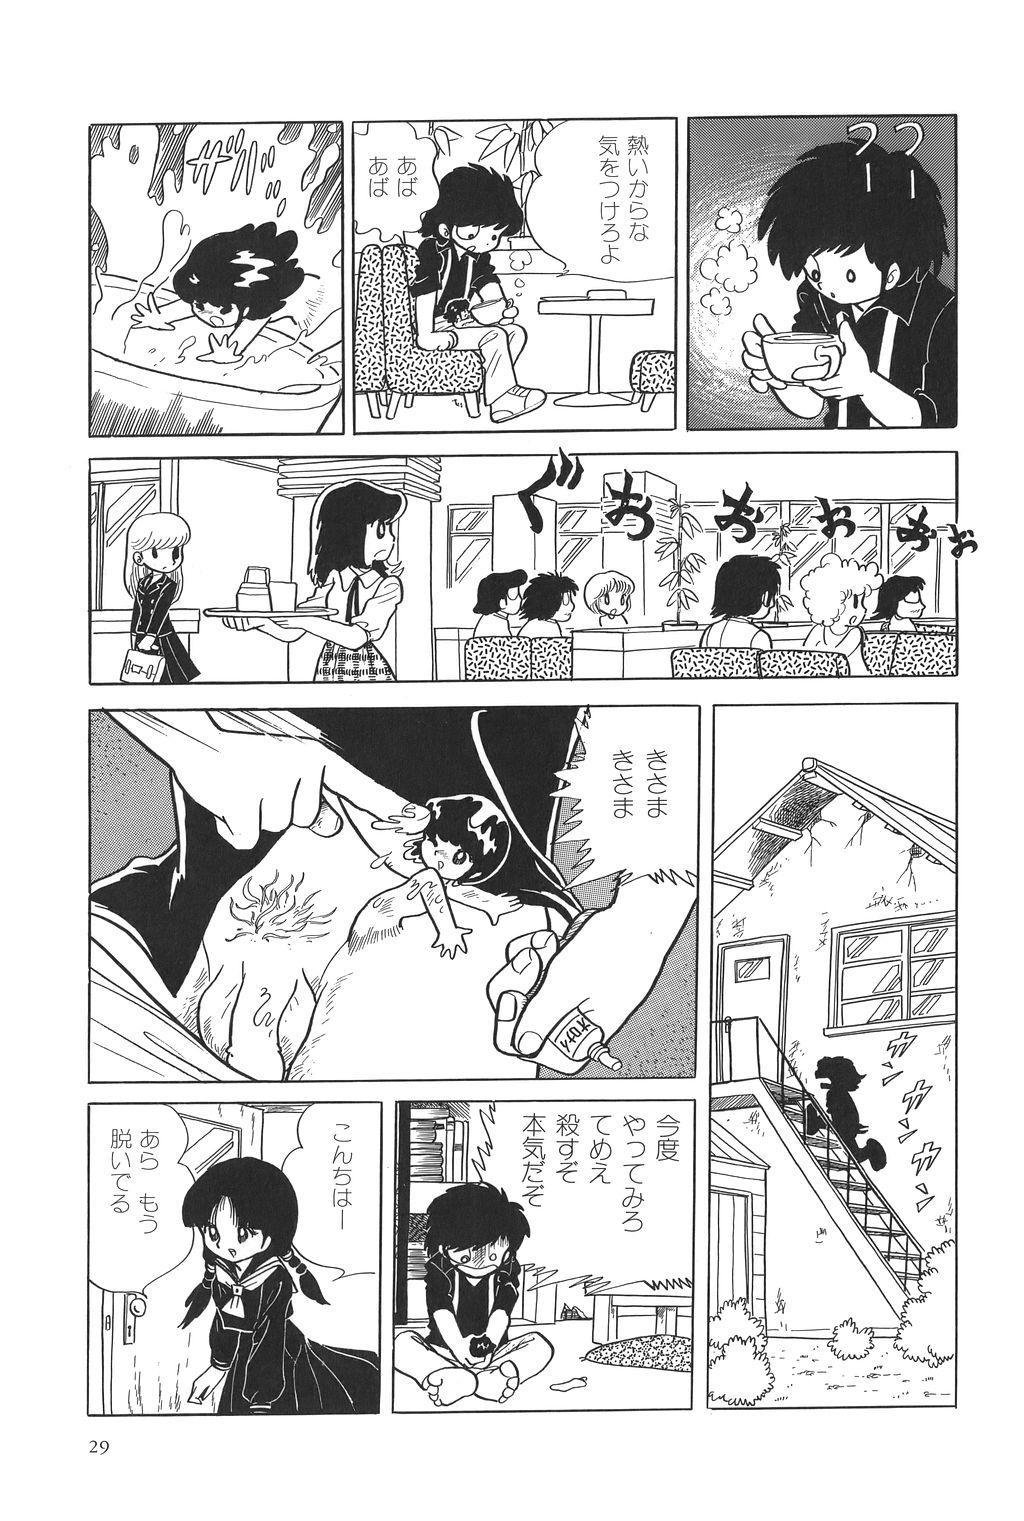 Azuma Hideo Sakuhin Shuusei - Yoru no Tobari no Naka de 33